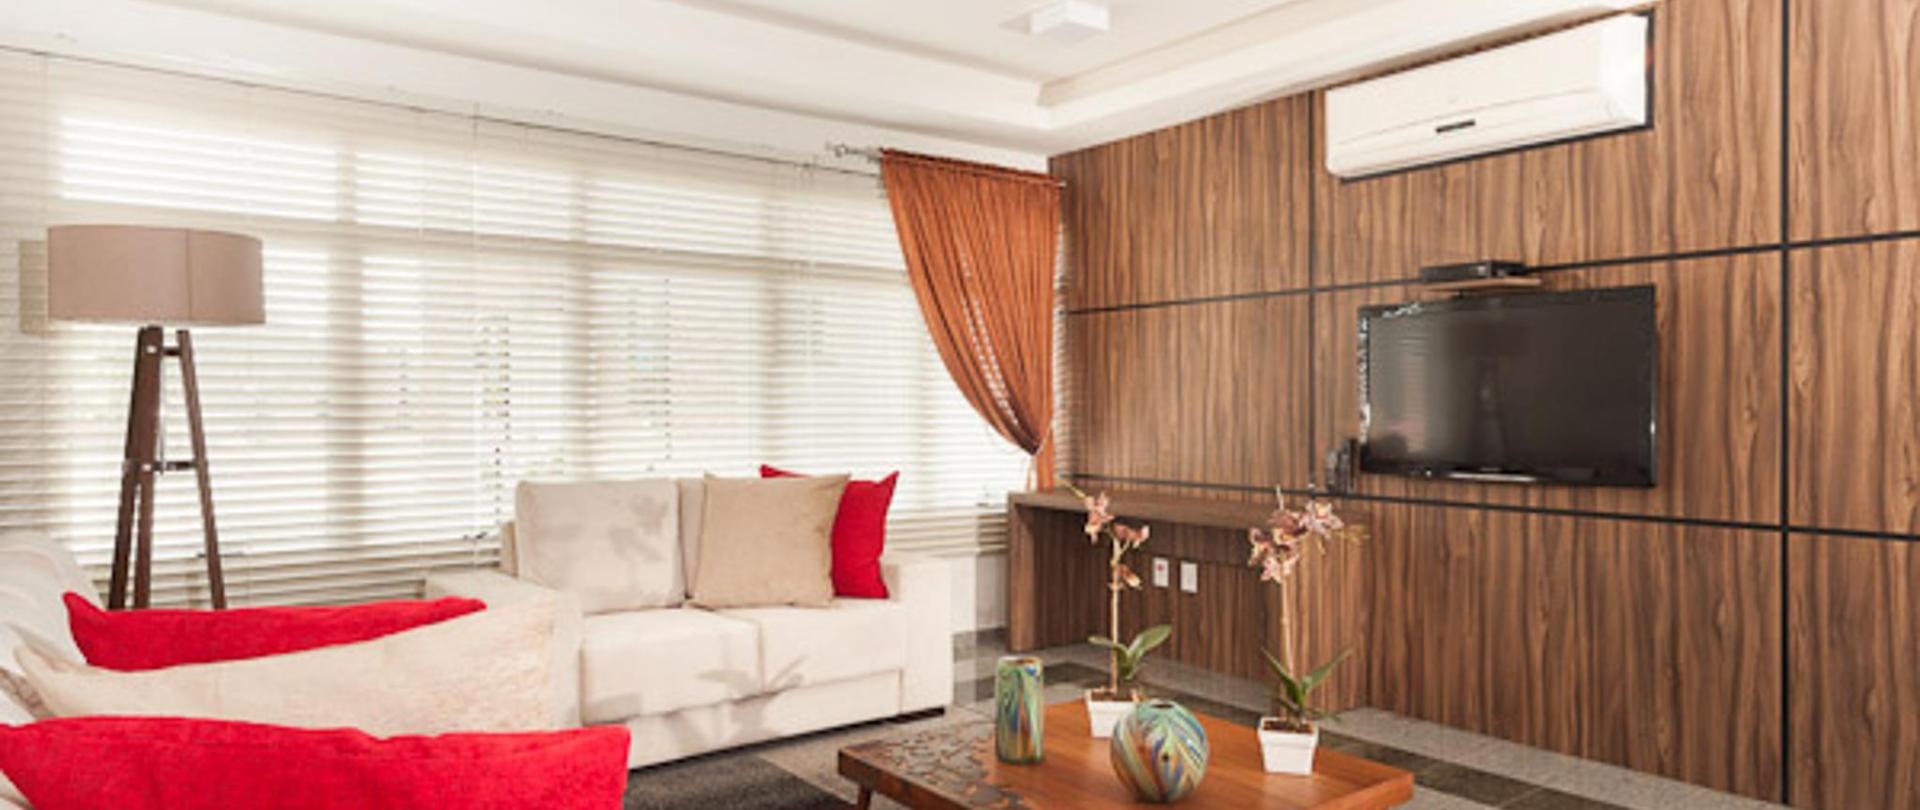 20120530_doishhotel-7.jpg